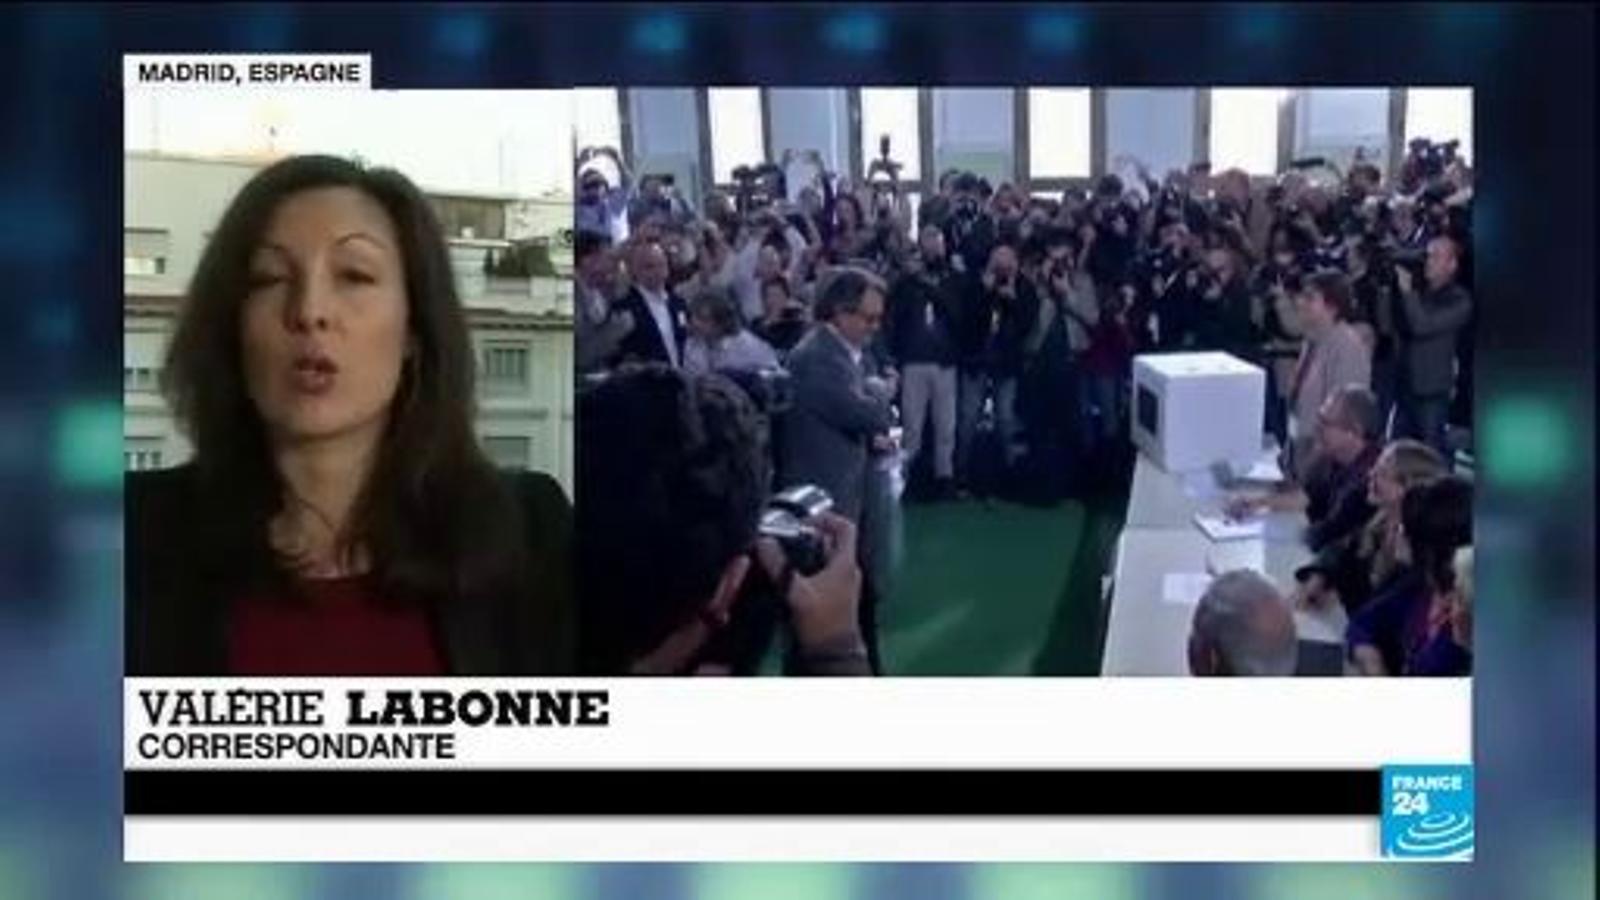 El 9-N a France 24: Un èxit total, segons el president Mas